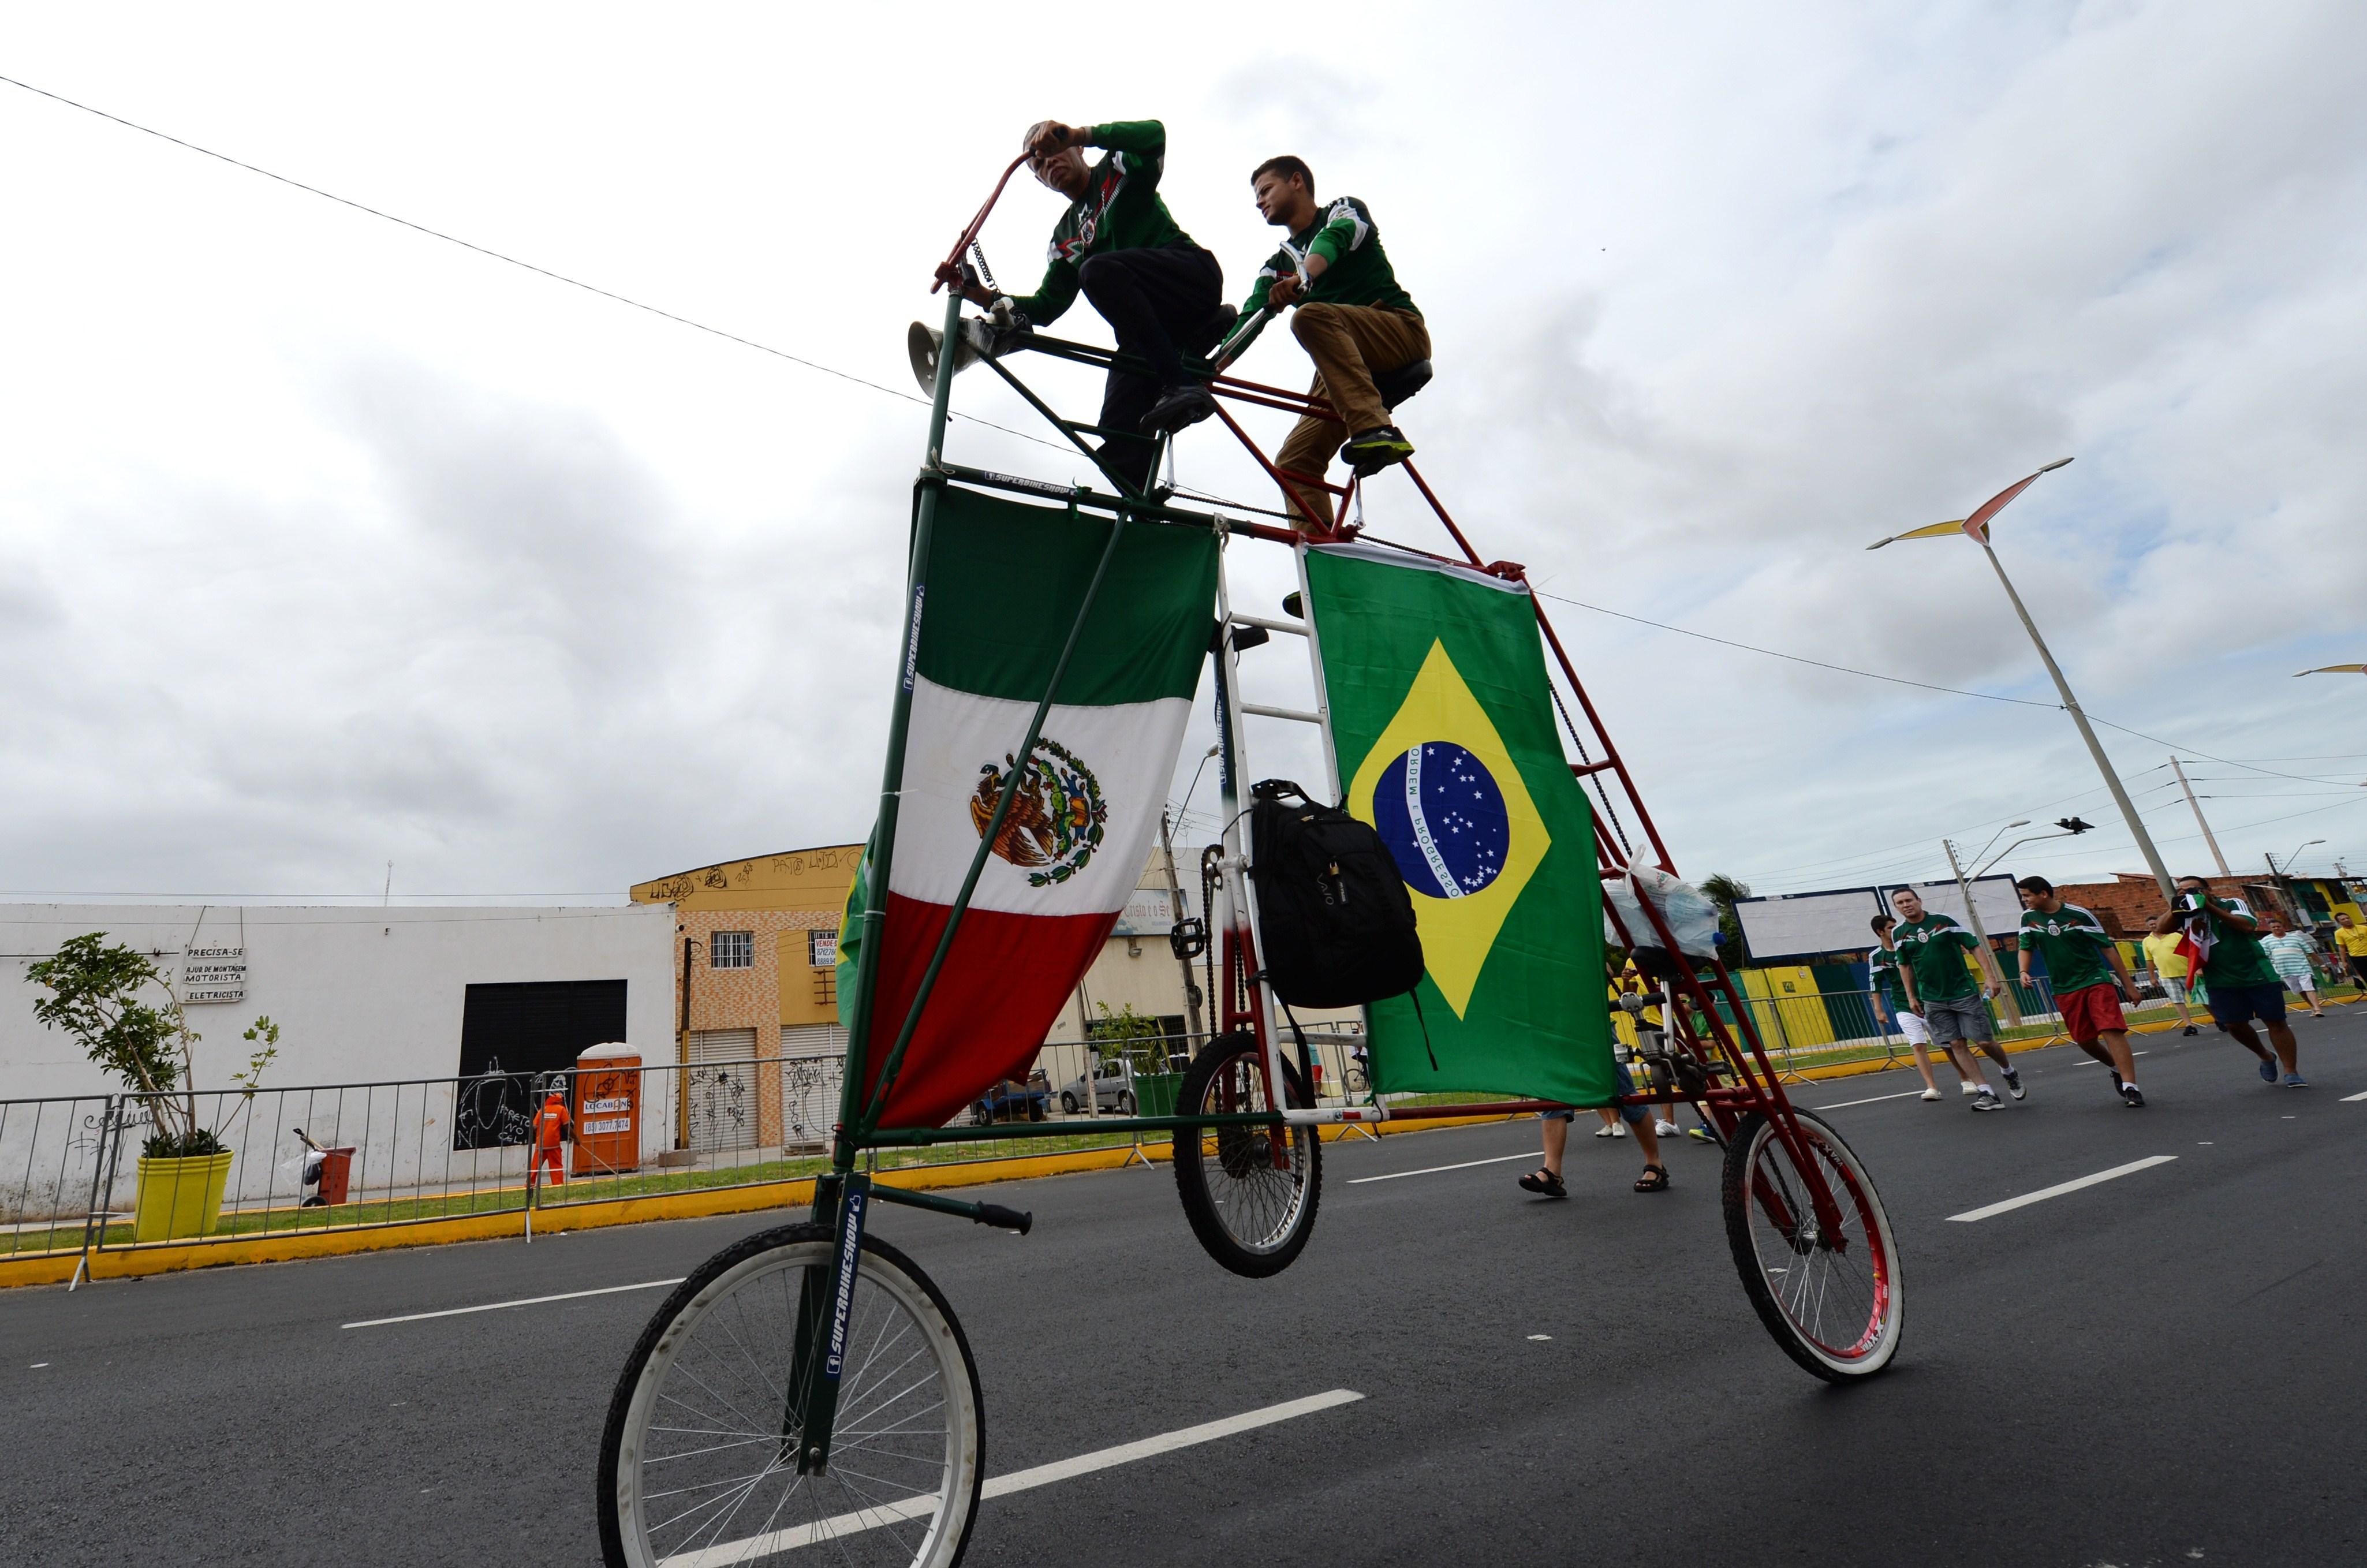 Campionatul Mondial de Fotbal din Brazilia. Pasiunea pentru fotbal l-a dat de gol pe un celebru traficant de droguri